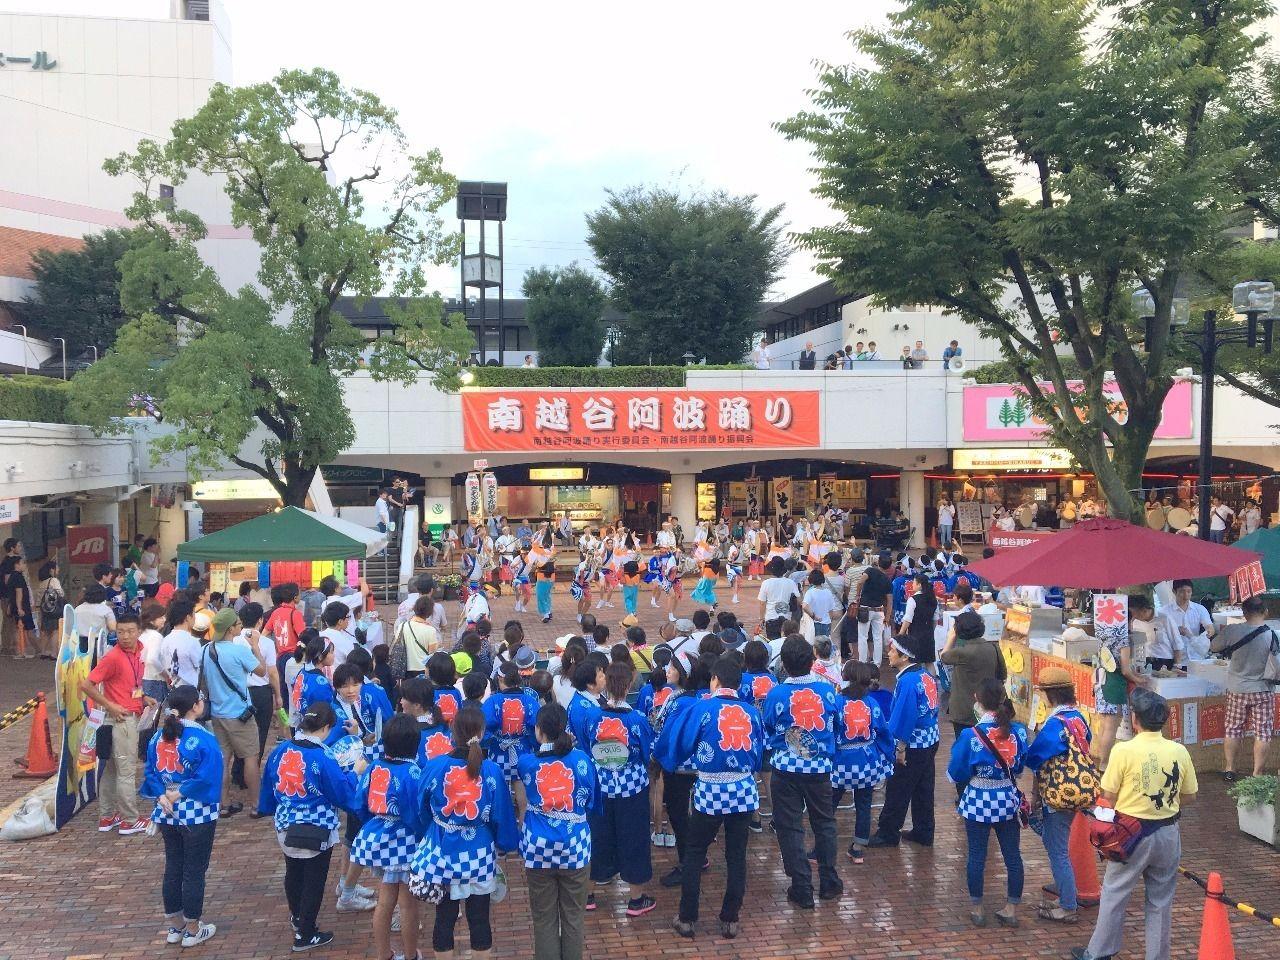 越谷サンシティの広場でも阿波踊りです!